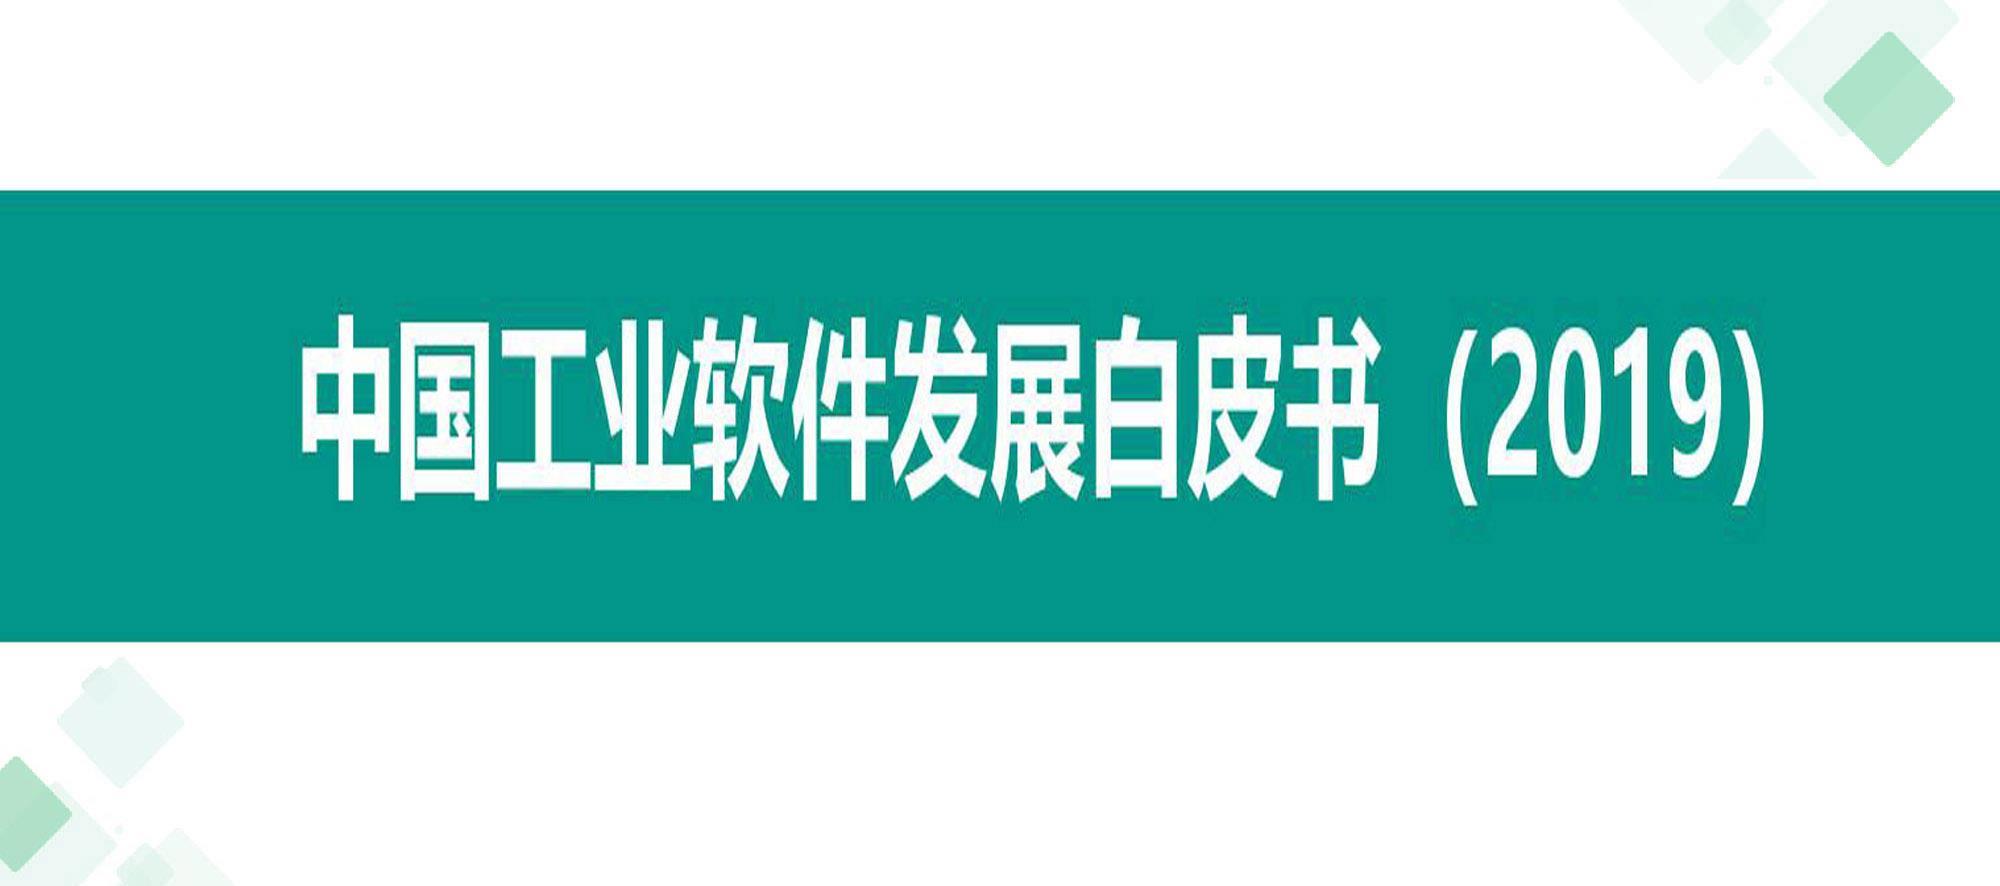 2019年中国工业软件发展白皮书